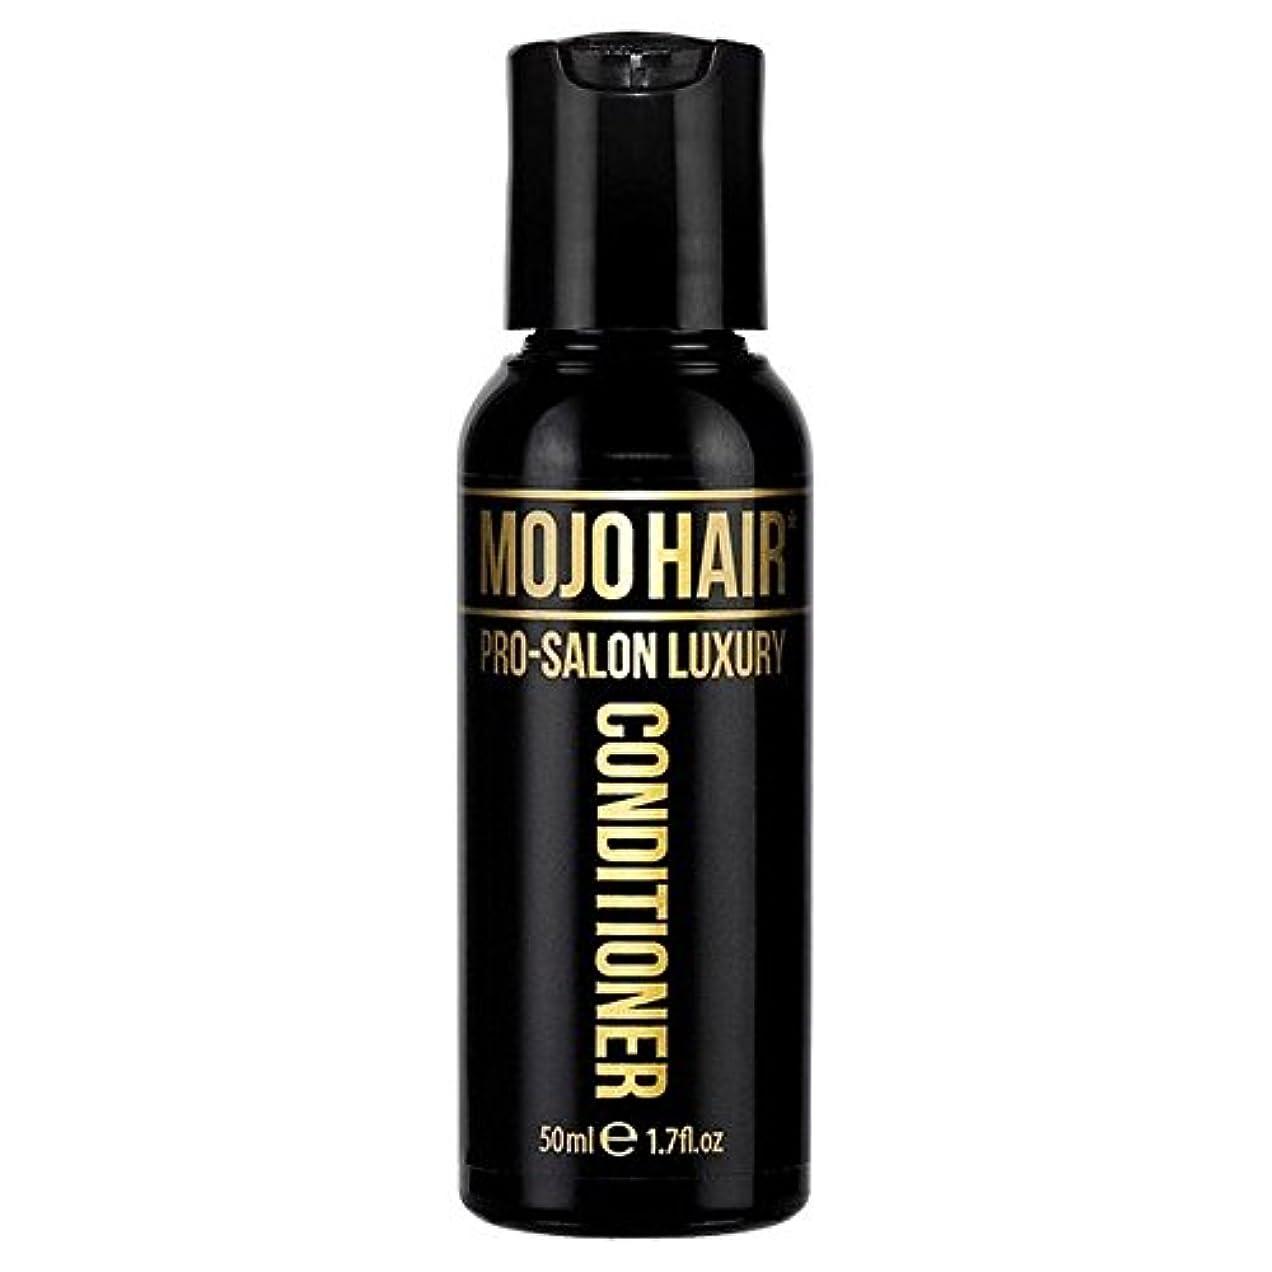 雪の定期的間に合わせMOJO HAIR Pro-Salon Luxury Fragrance Conditioner for Men, Travel Size 50ml - 男性のためのモジョの毛プロのサロンの贅沢な香りコンディショナー、トラベルサイズ...